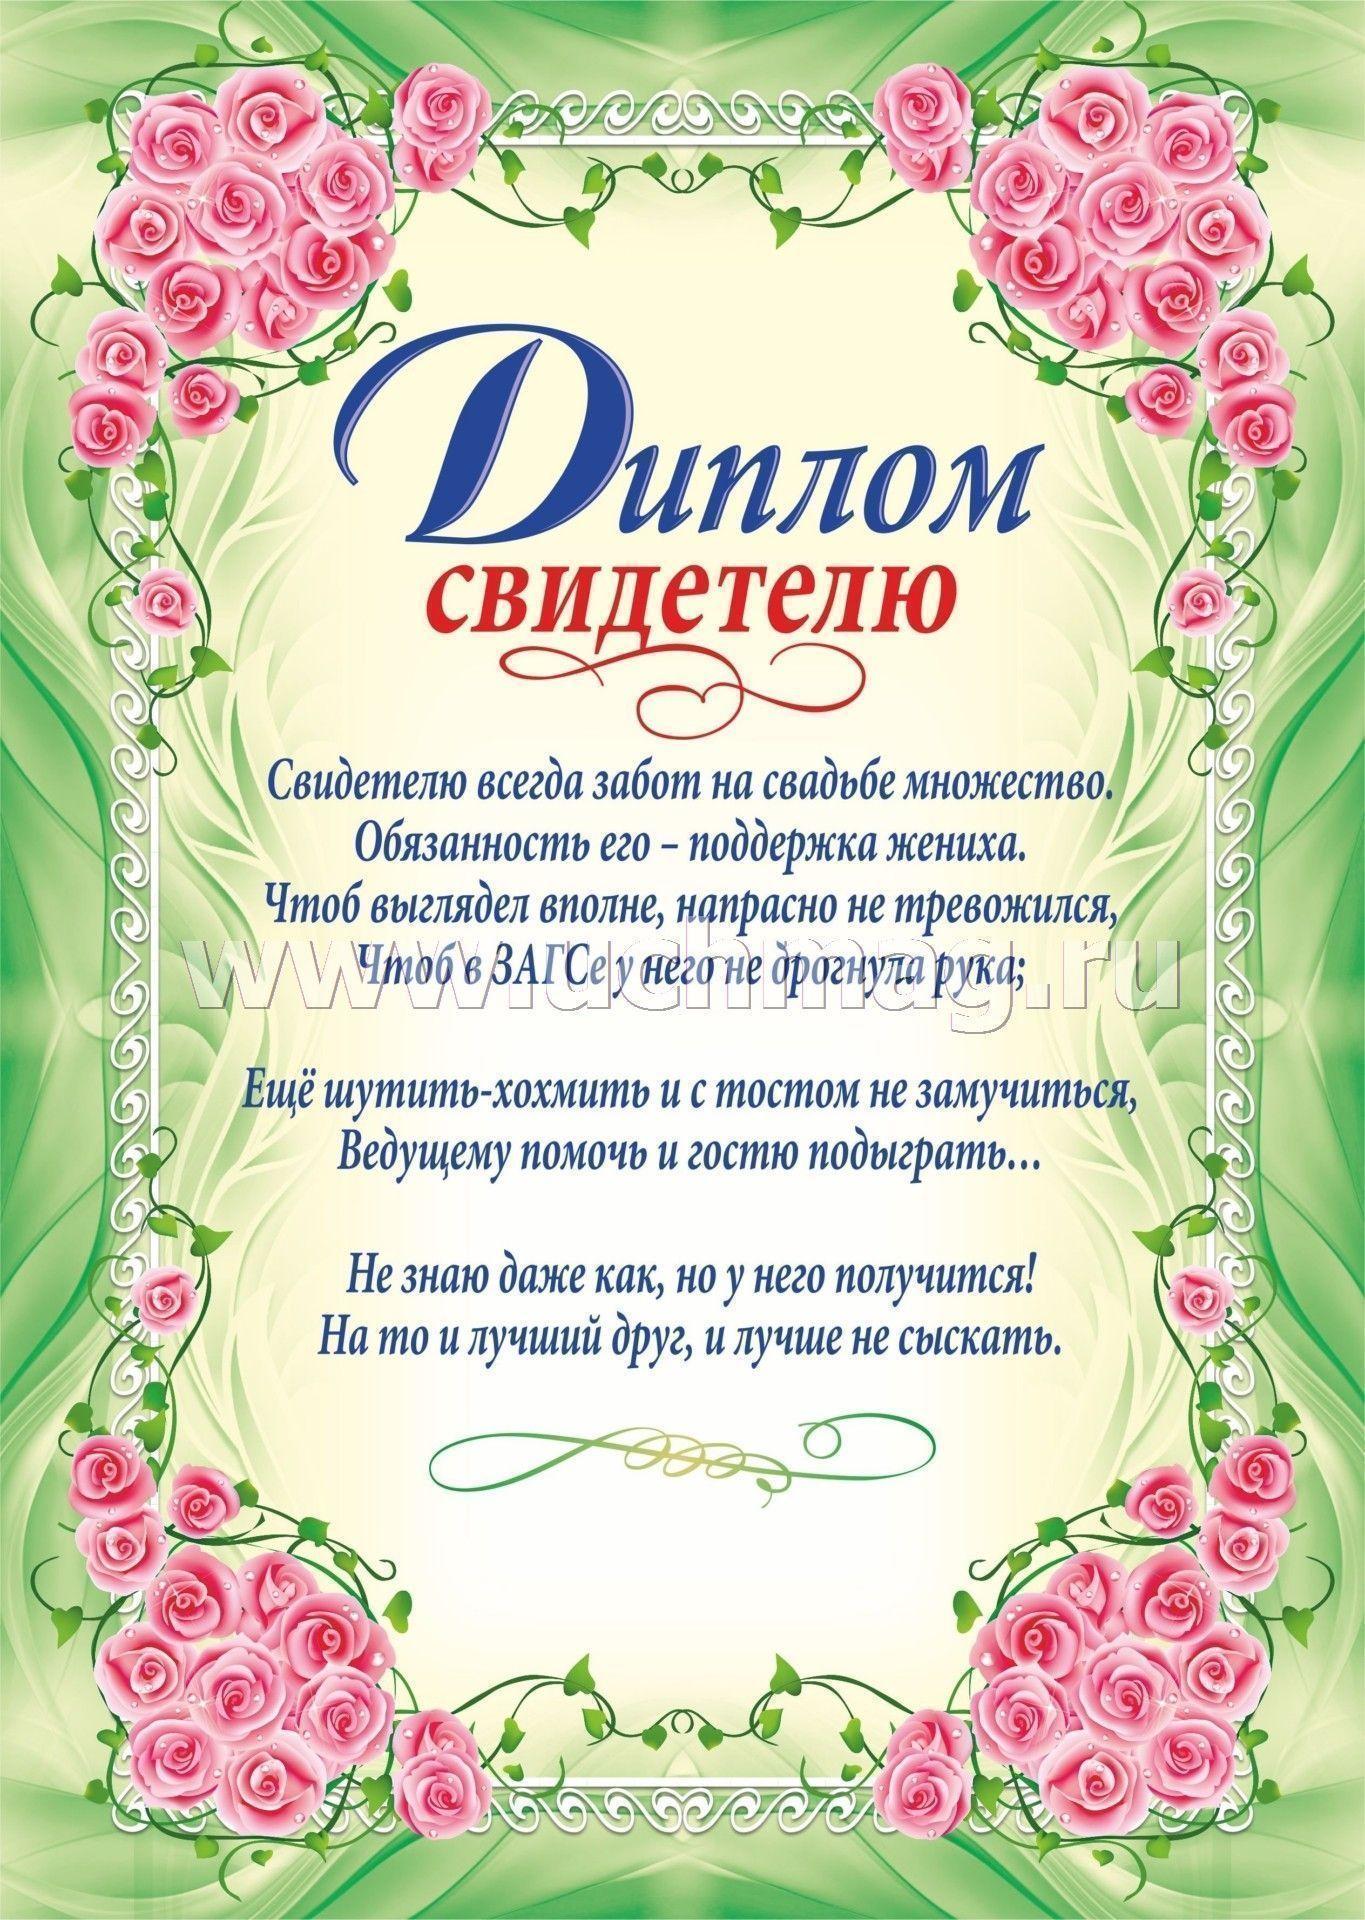 Диплом свидетелю свадебная символика купить по цене руб  Диплом свидетелю свадебная символика интернет магазин УчМаг